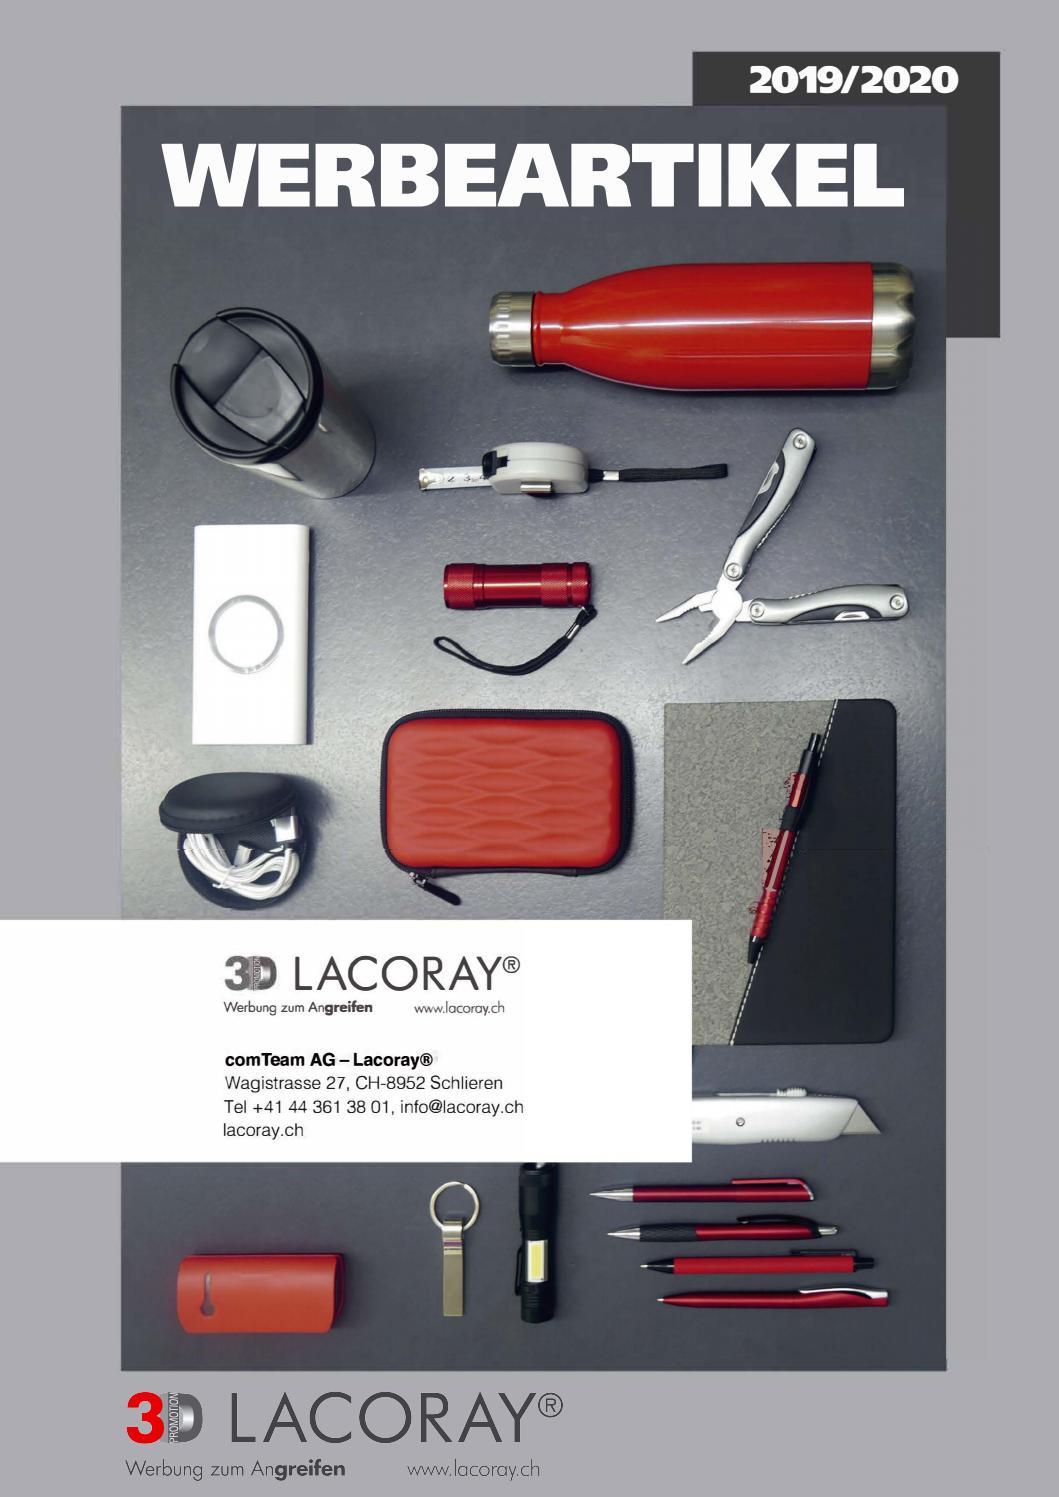 Lacoray Werbeartikel Katalog Für Schnellschüsse By